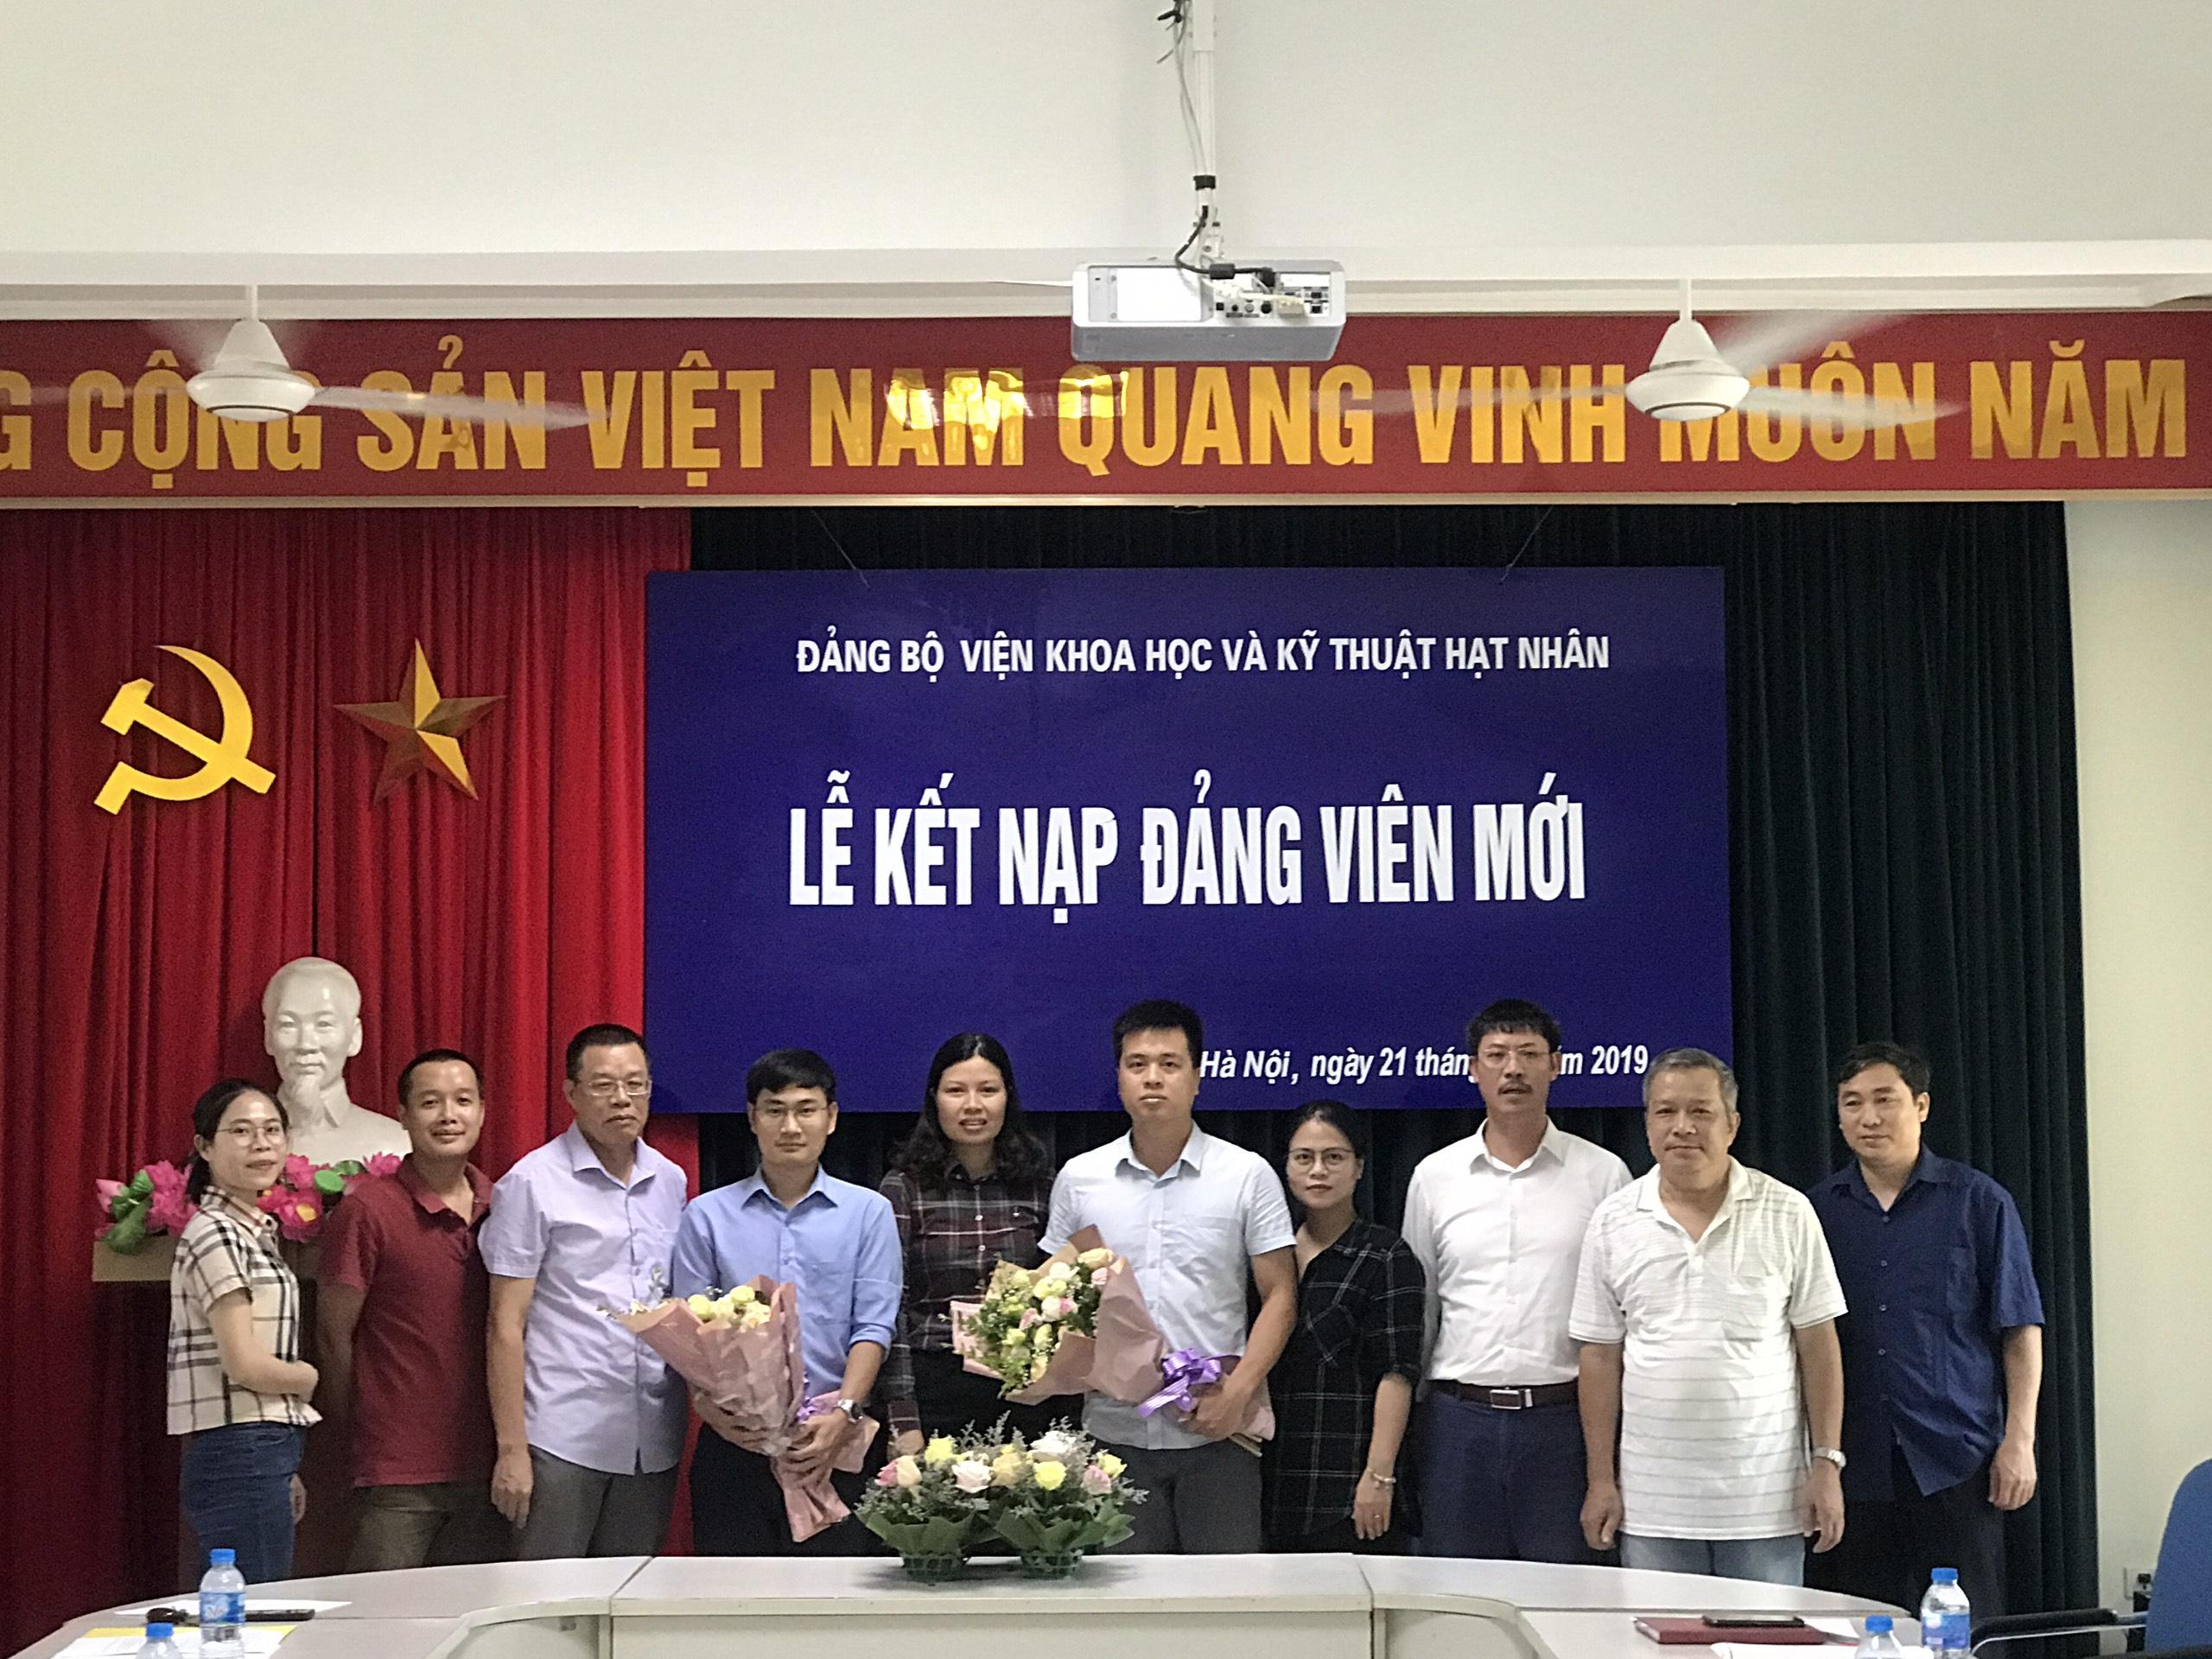 Lễ kết nạp đảng viên mới của chi bộ An toàn bức xạ và môi trường